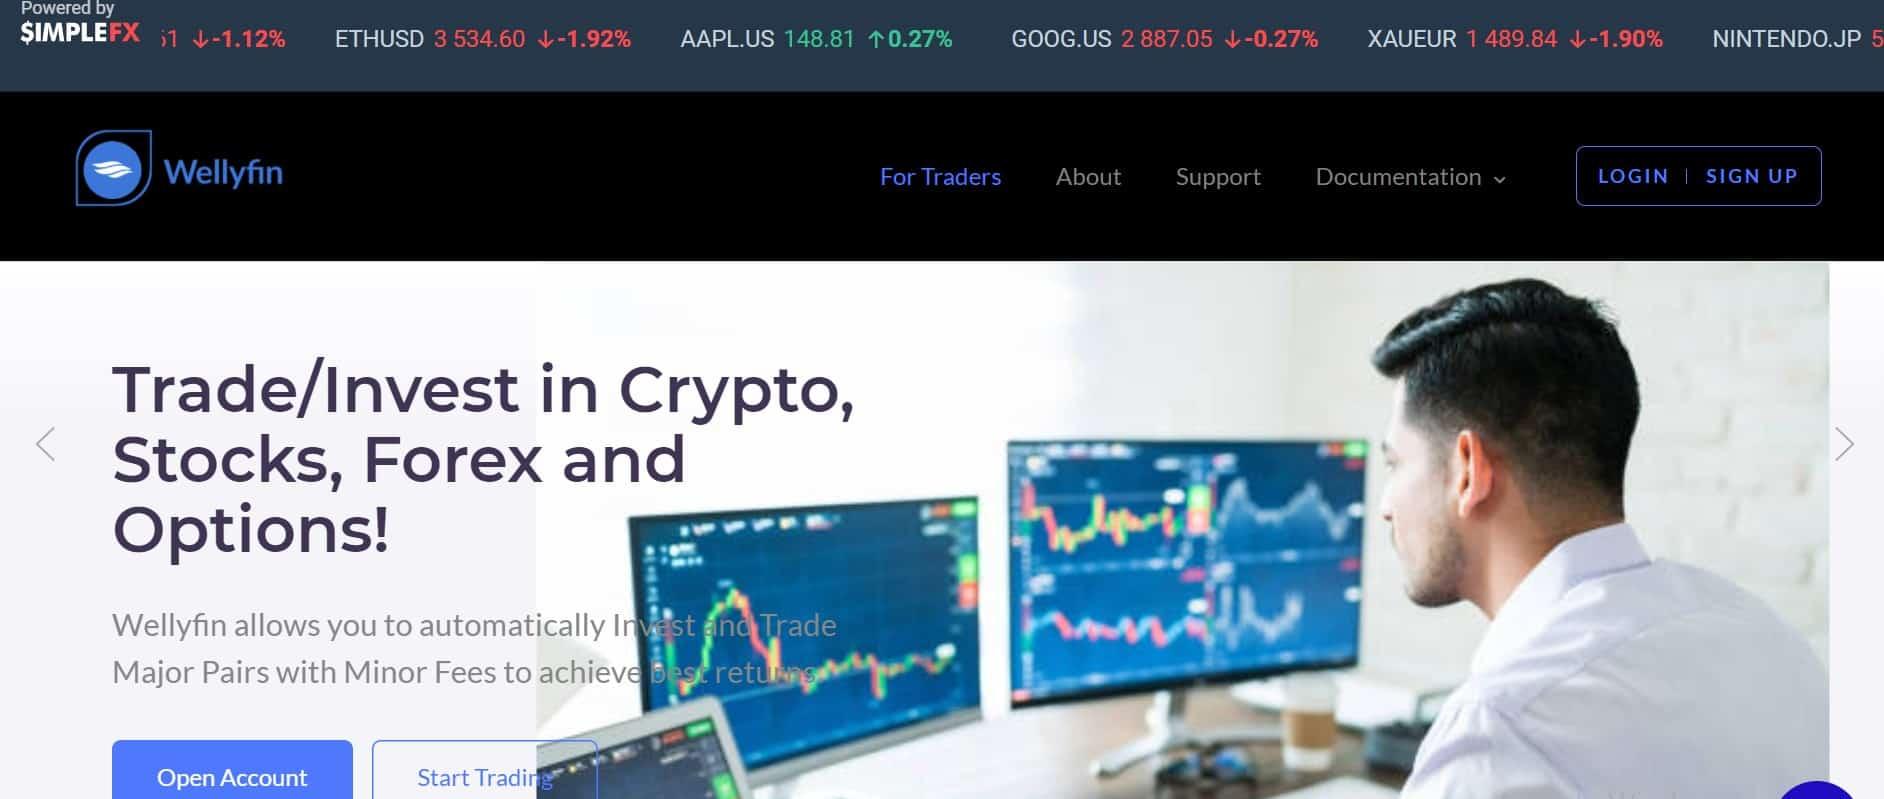 Wellyfin website